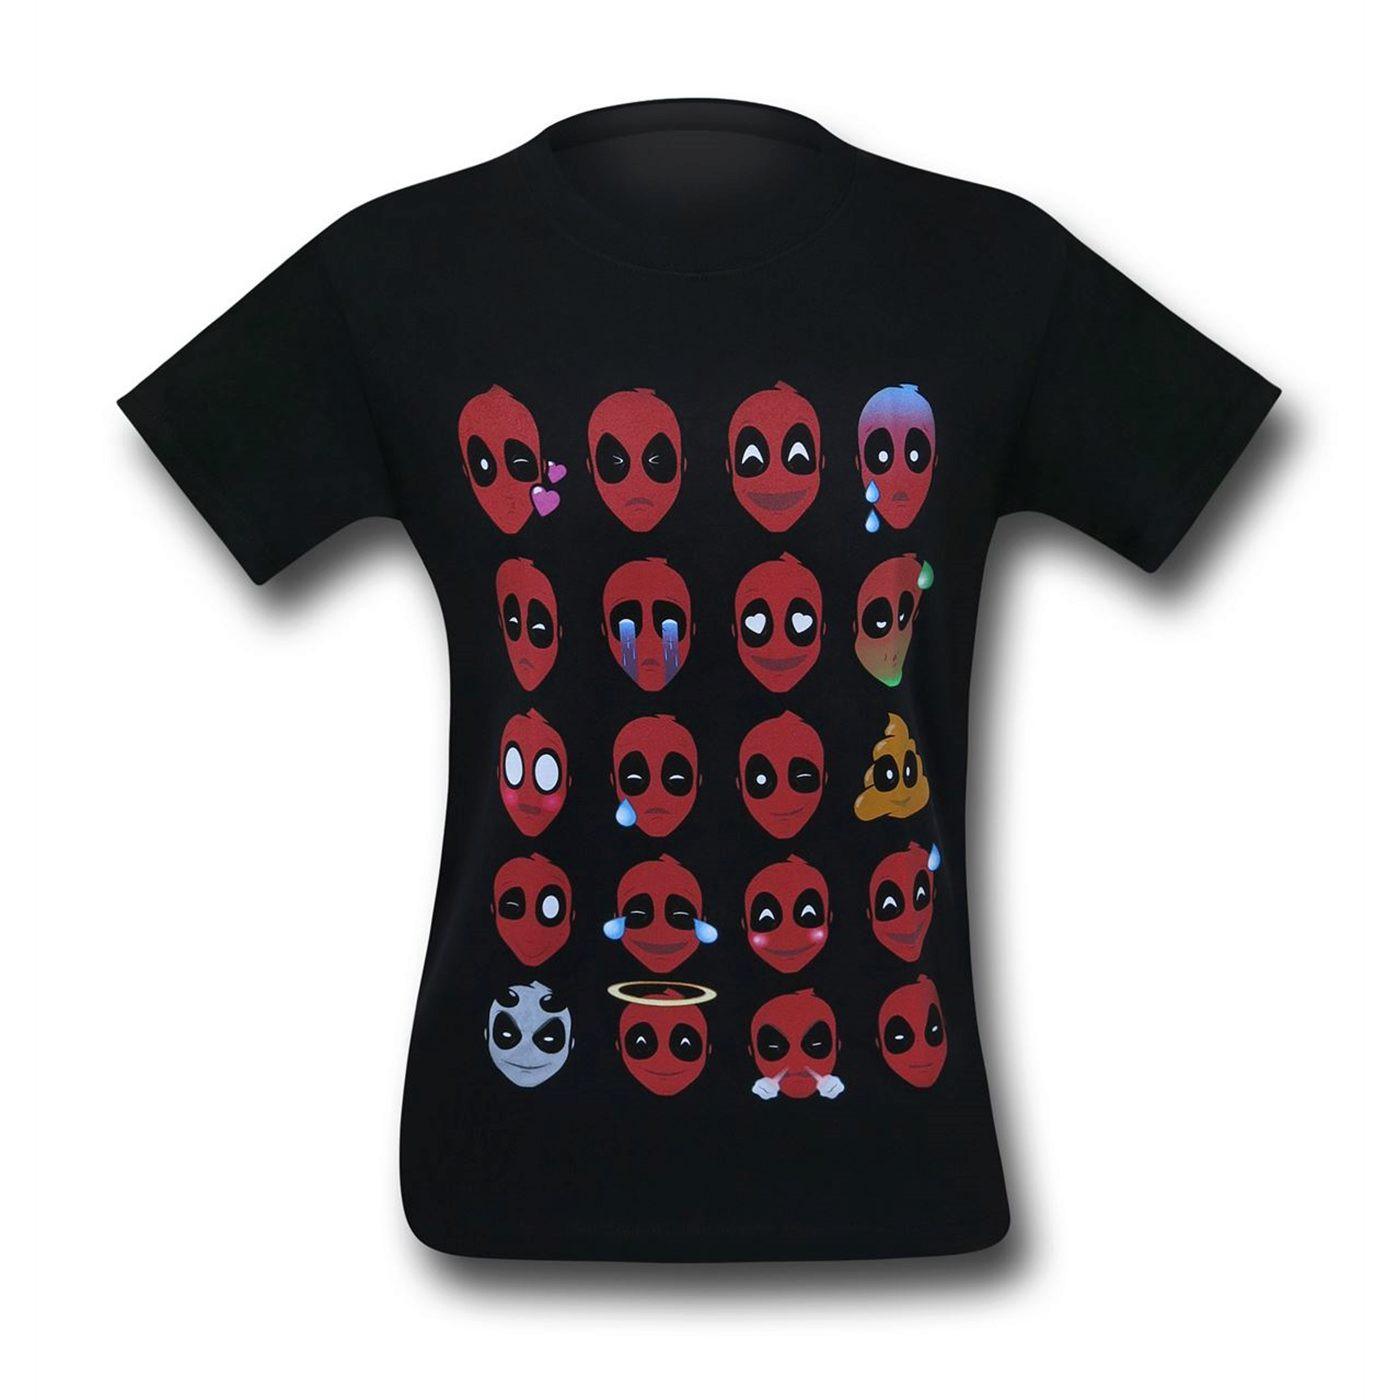 Deadpool Emojis T-Shirt